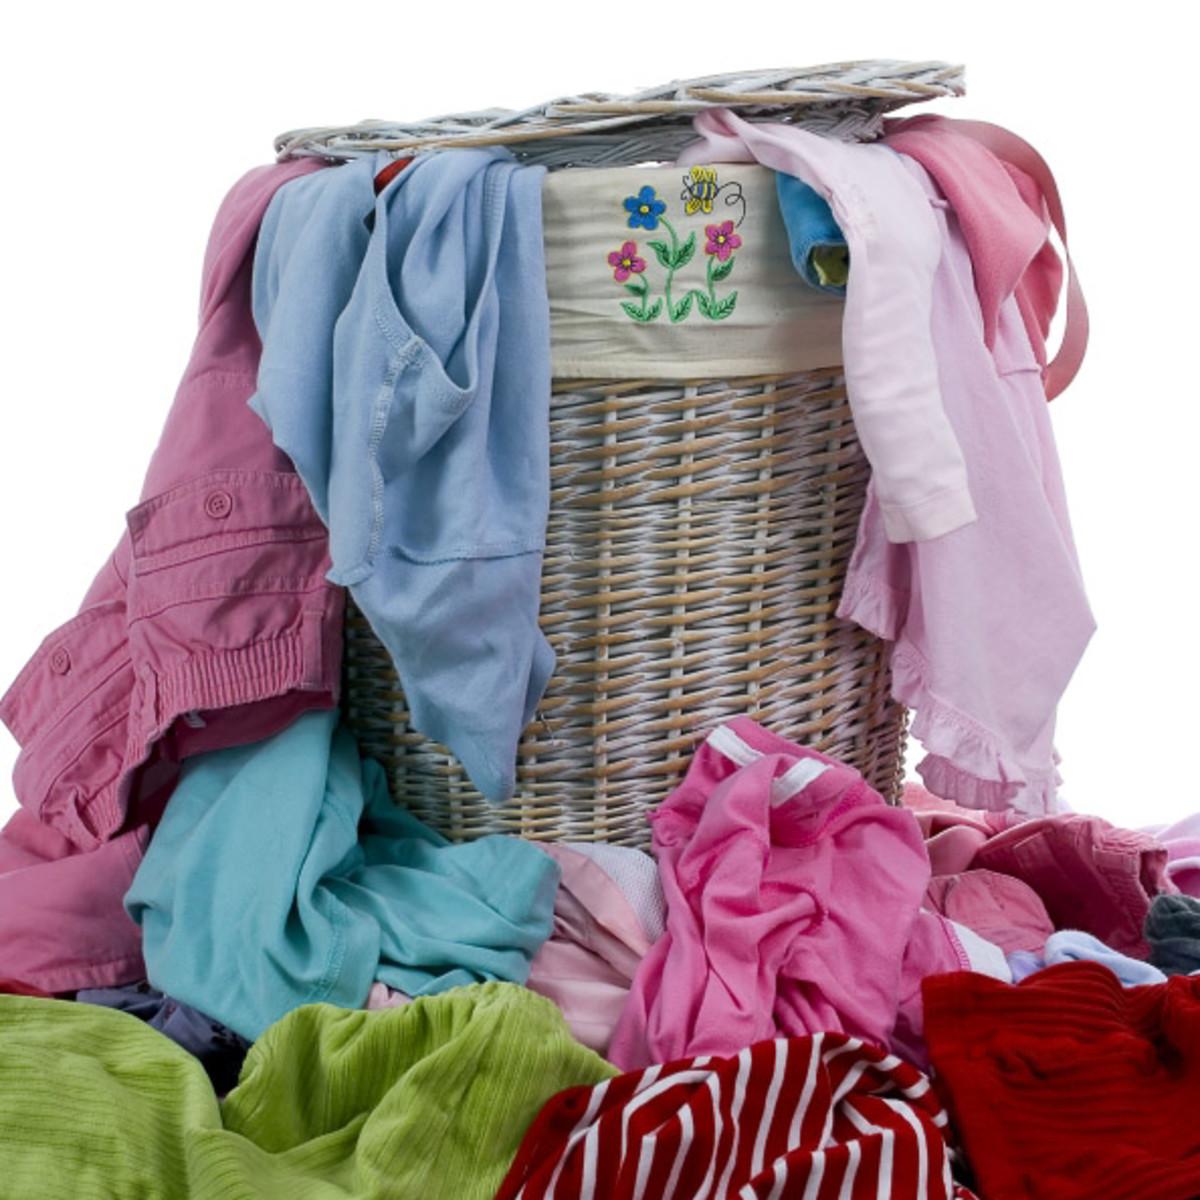 News_Caroline_laundry basket_laundry_clothes